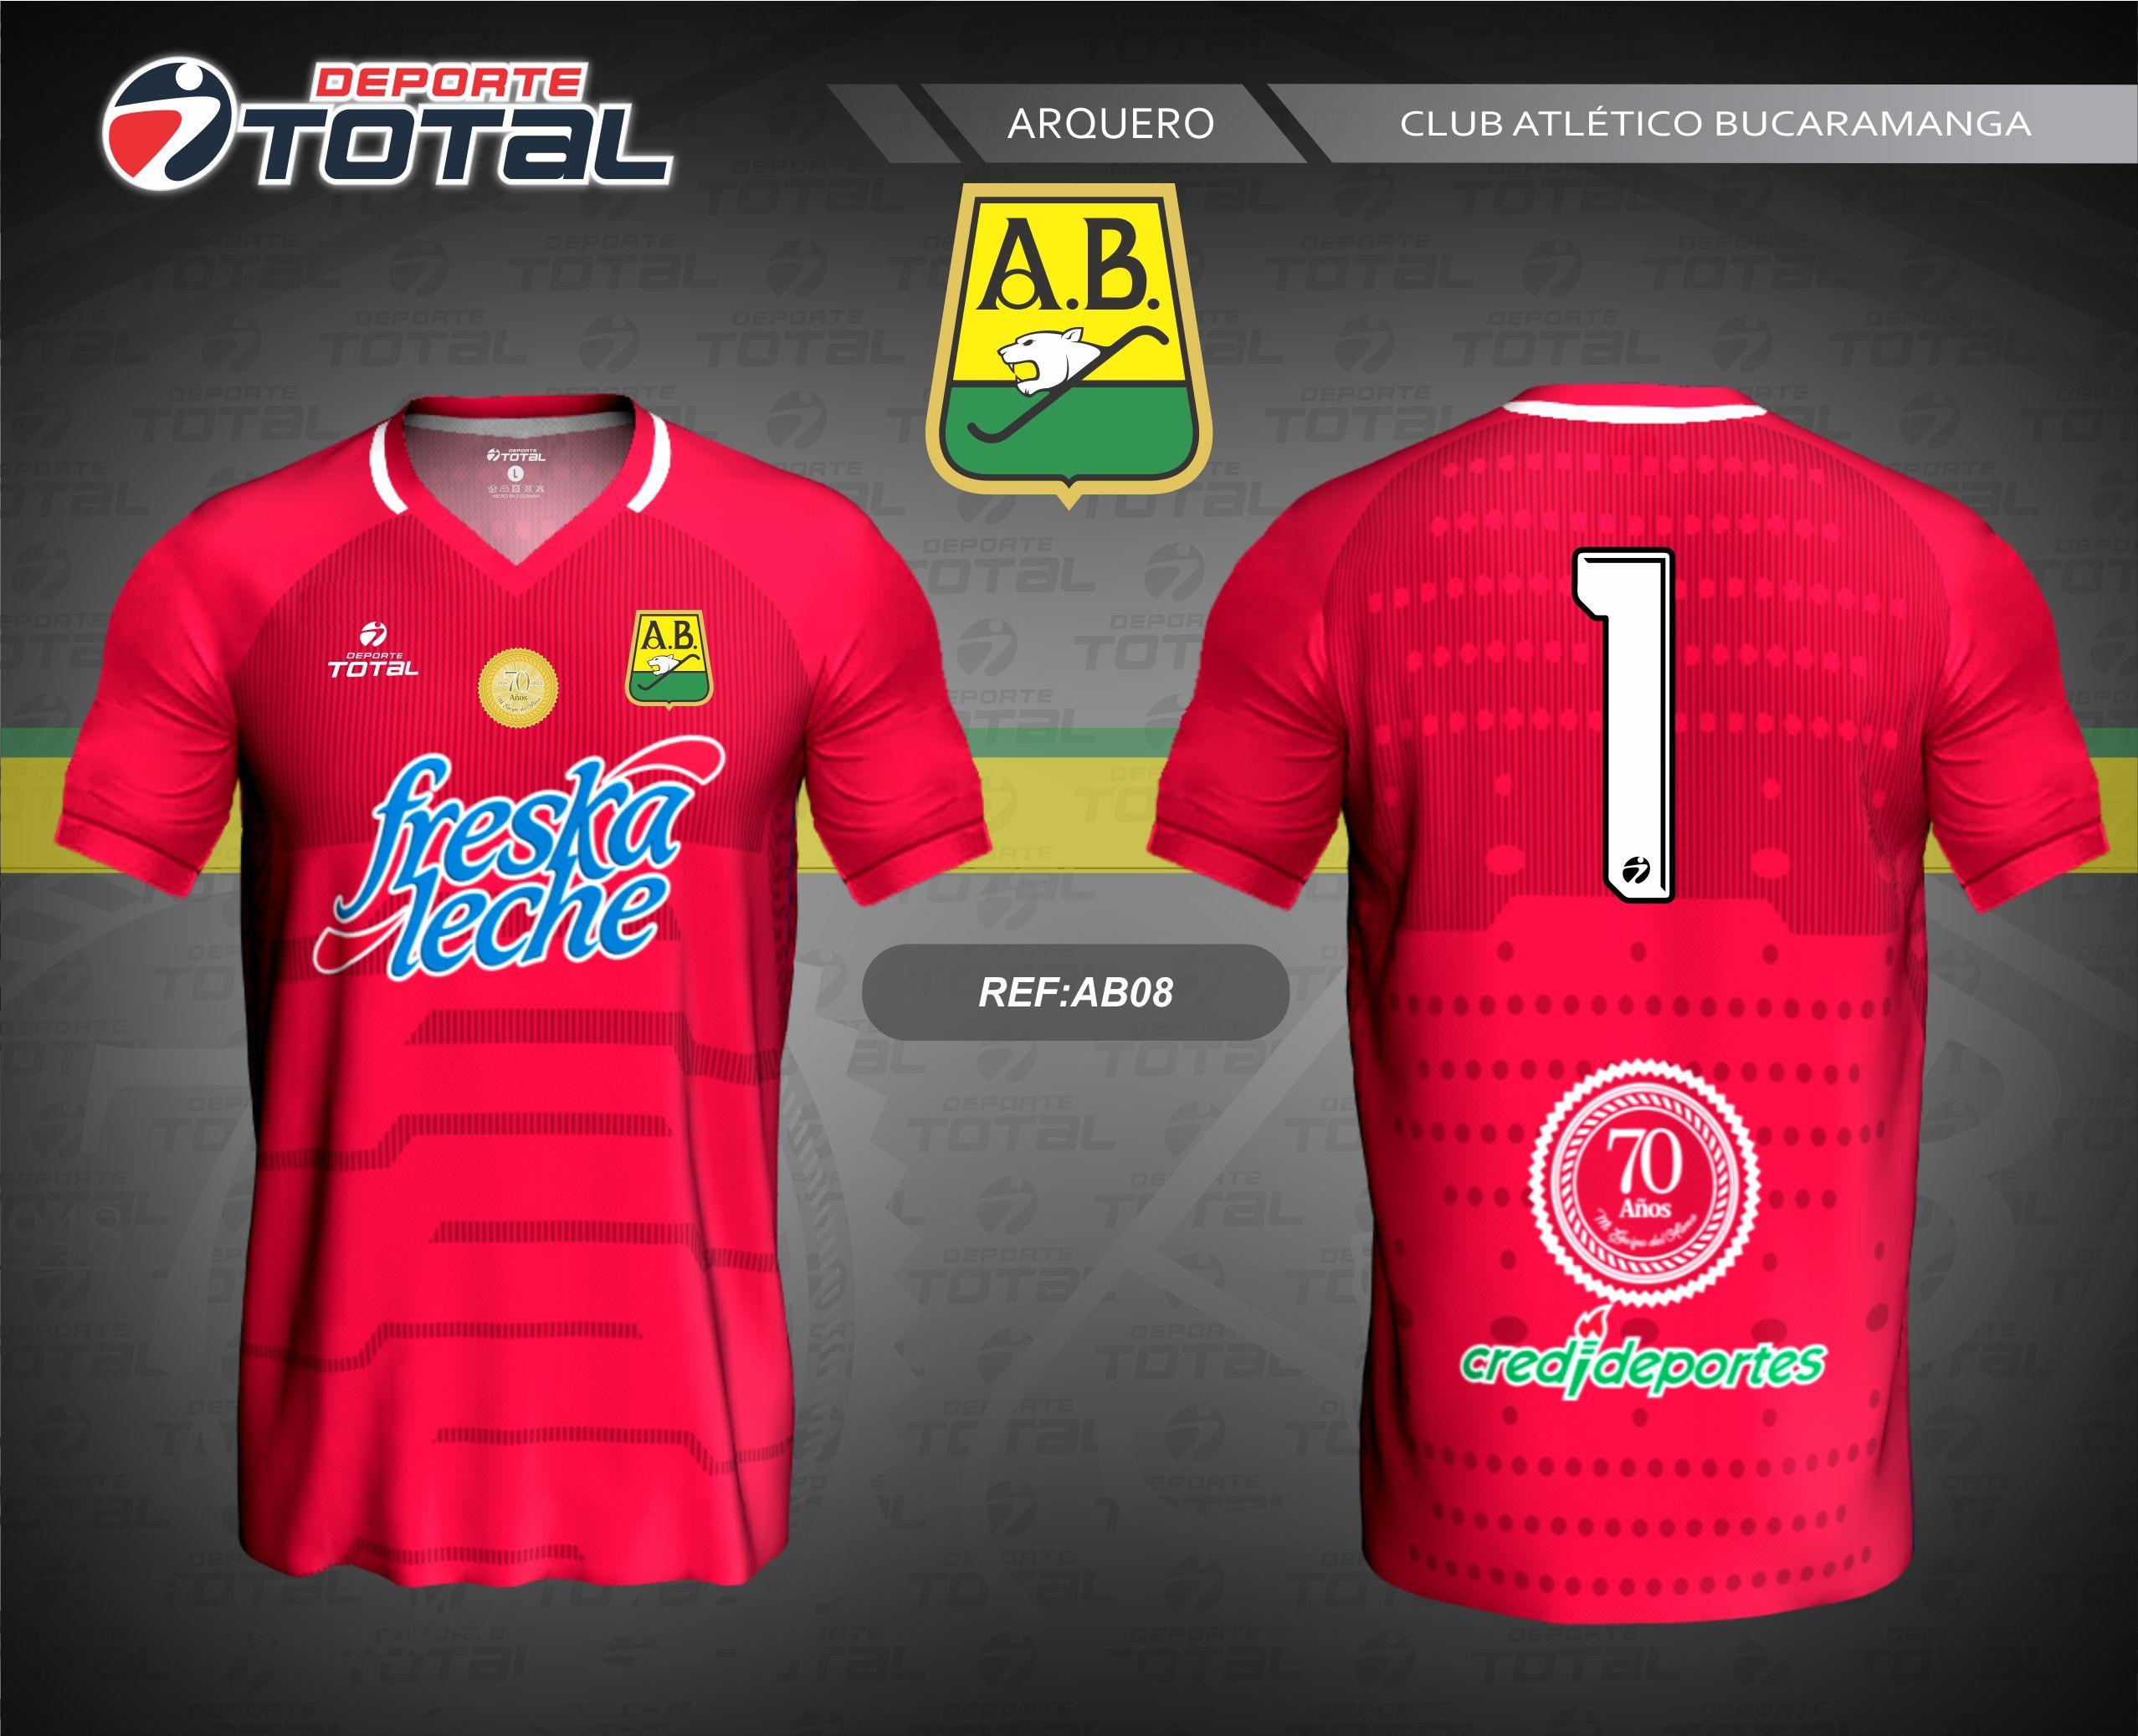 c8ec4cd2b4bef Camiseta de Arquero - deporte total-atletico bucaramanga- 2018-camiseta- uniforme-